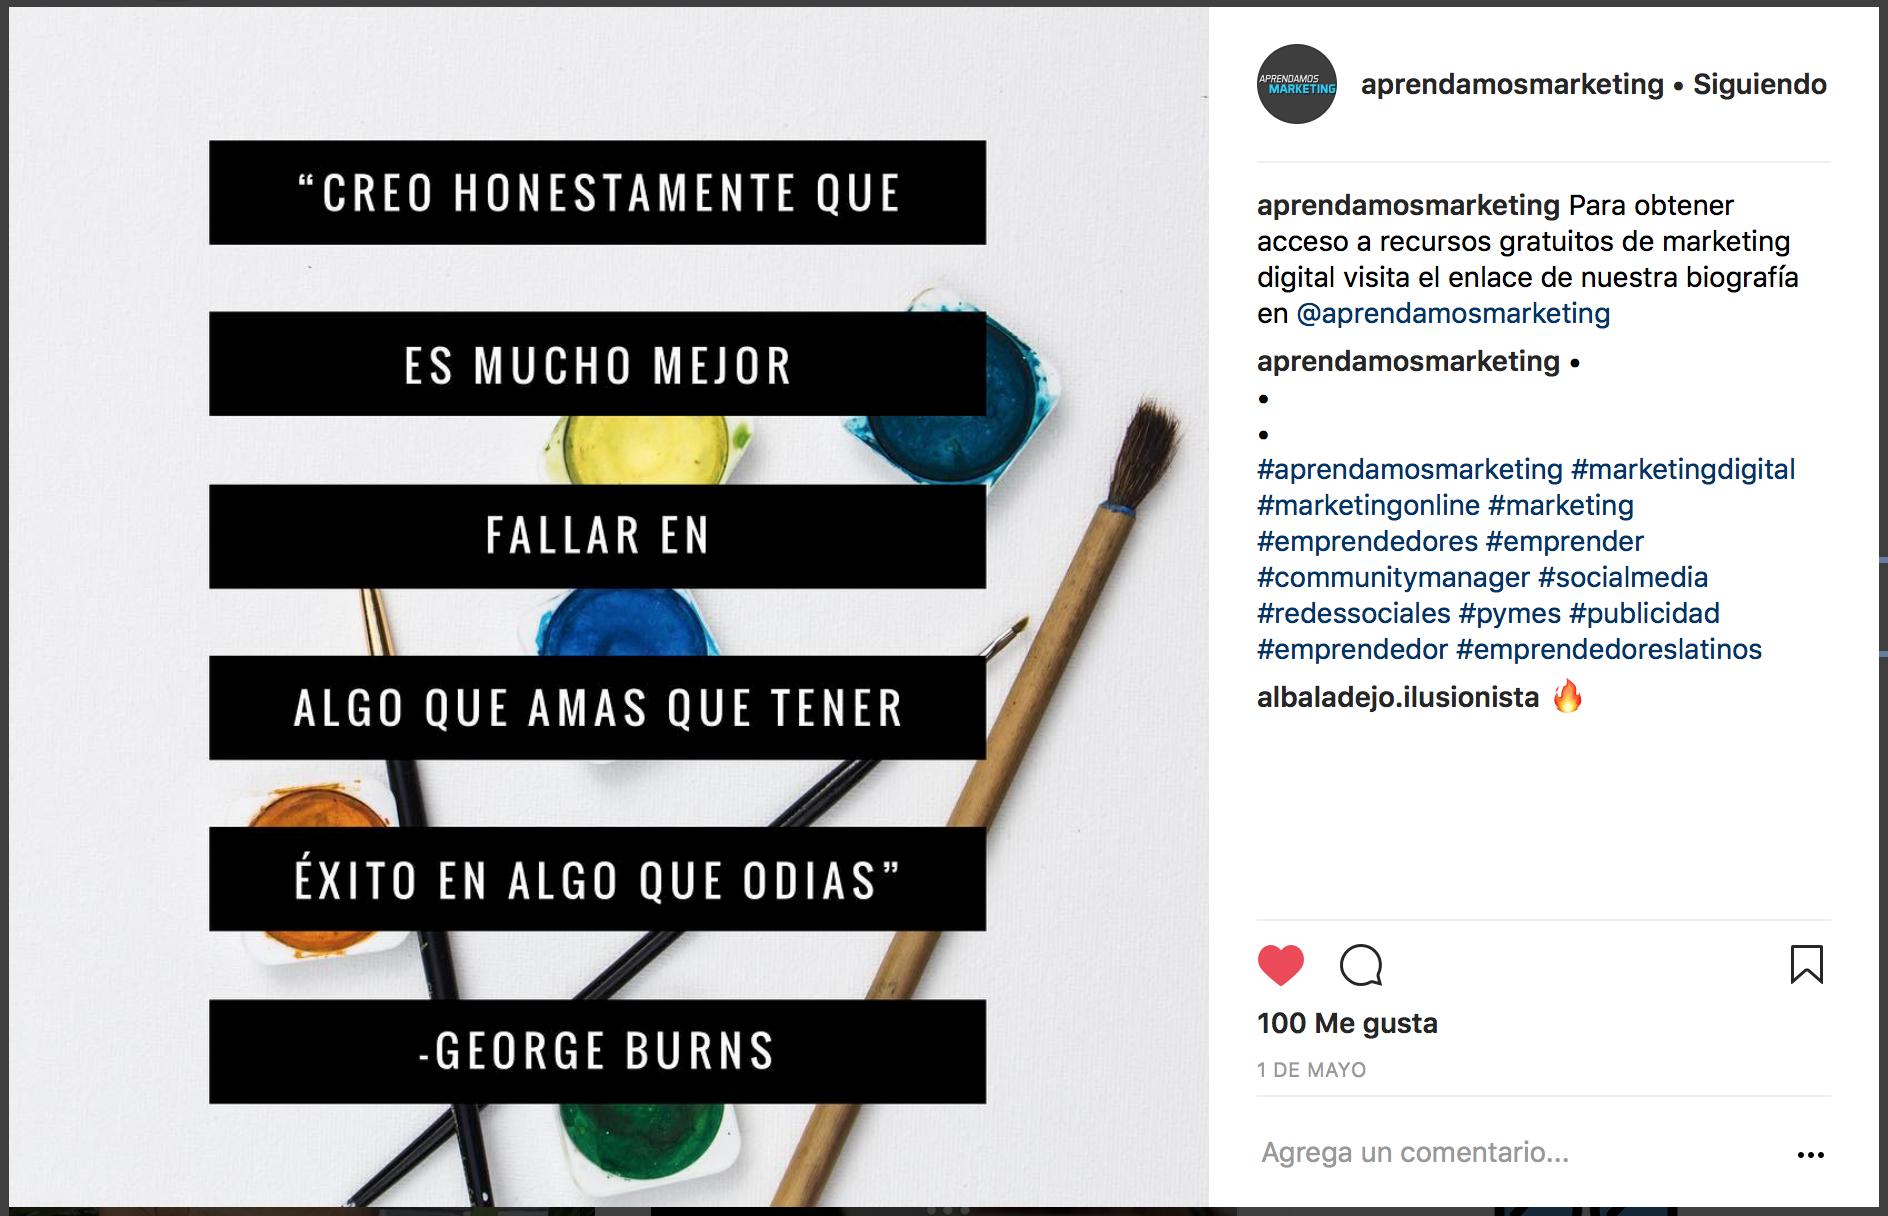 4 pasos para generar tráfico orgánico con Instagram- no solo frases